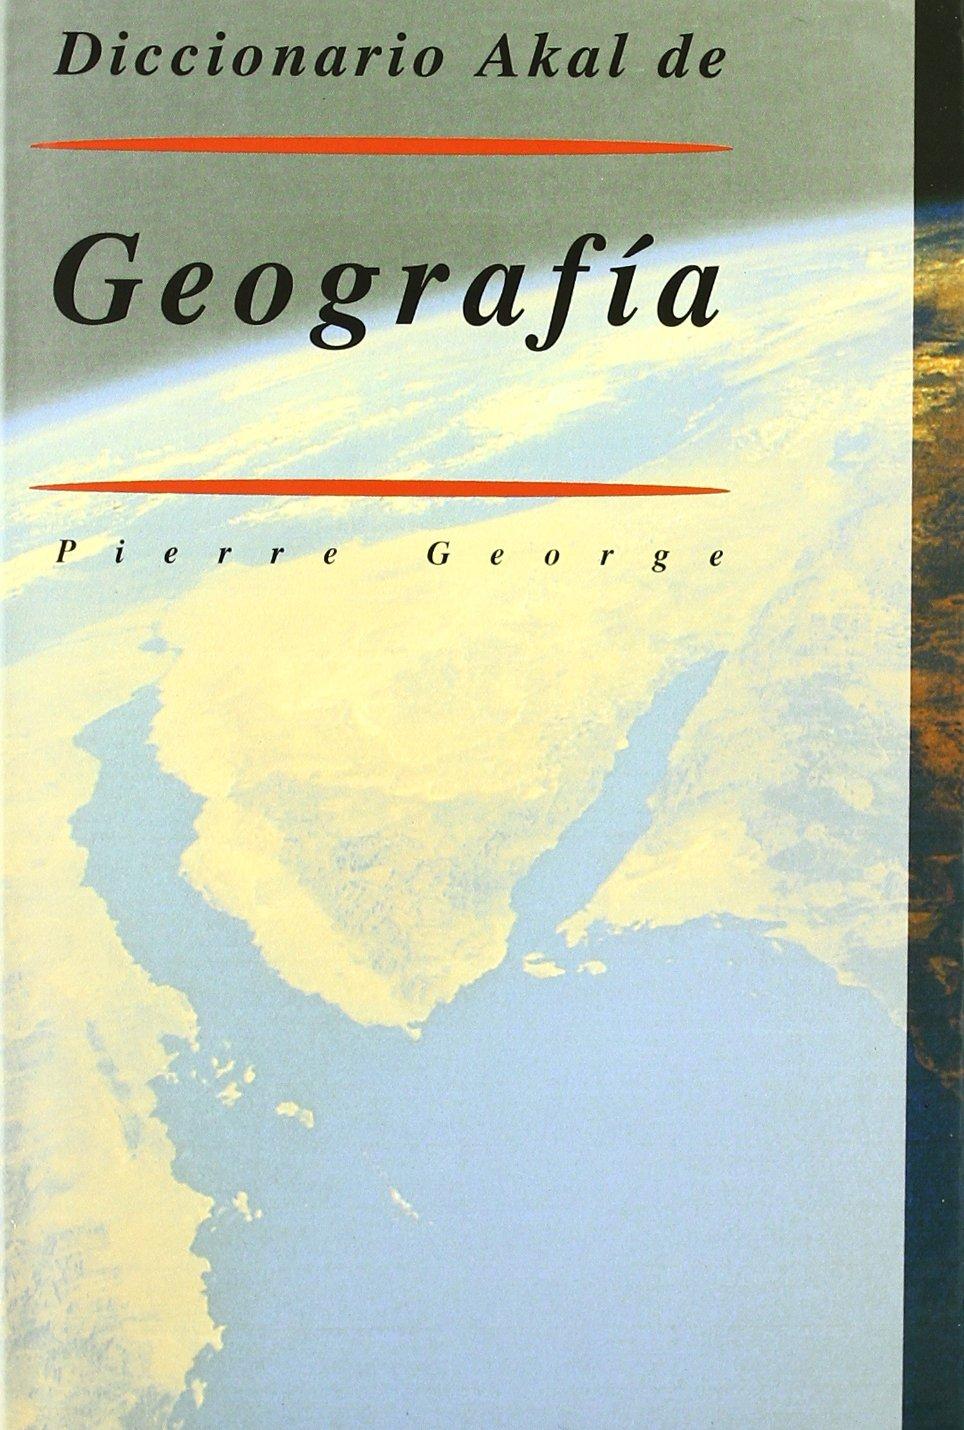 Diccionario Akal de Geografía (Diccionarios) Tapa dura – 29 oct 2003 Pierre George Ediciones Akal 8476006810 Earth Sciences - Geography